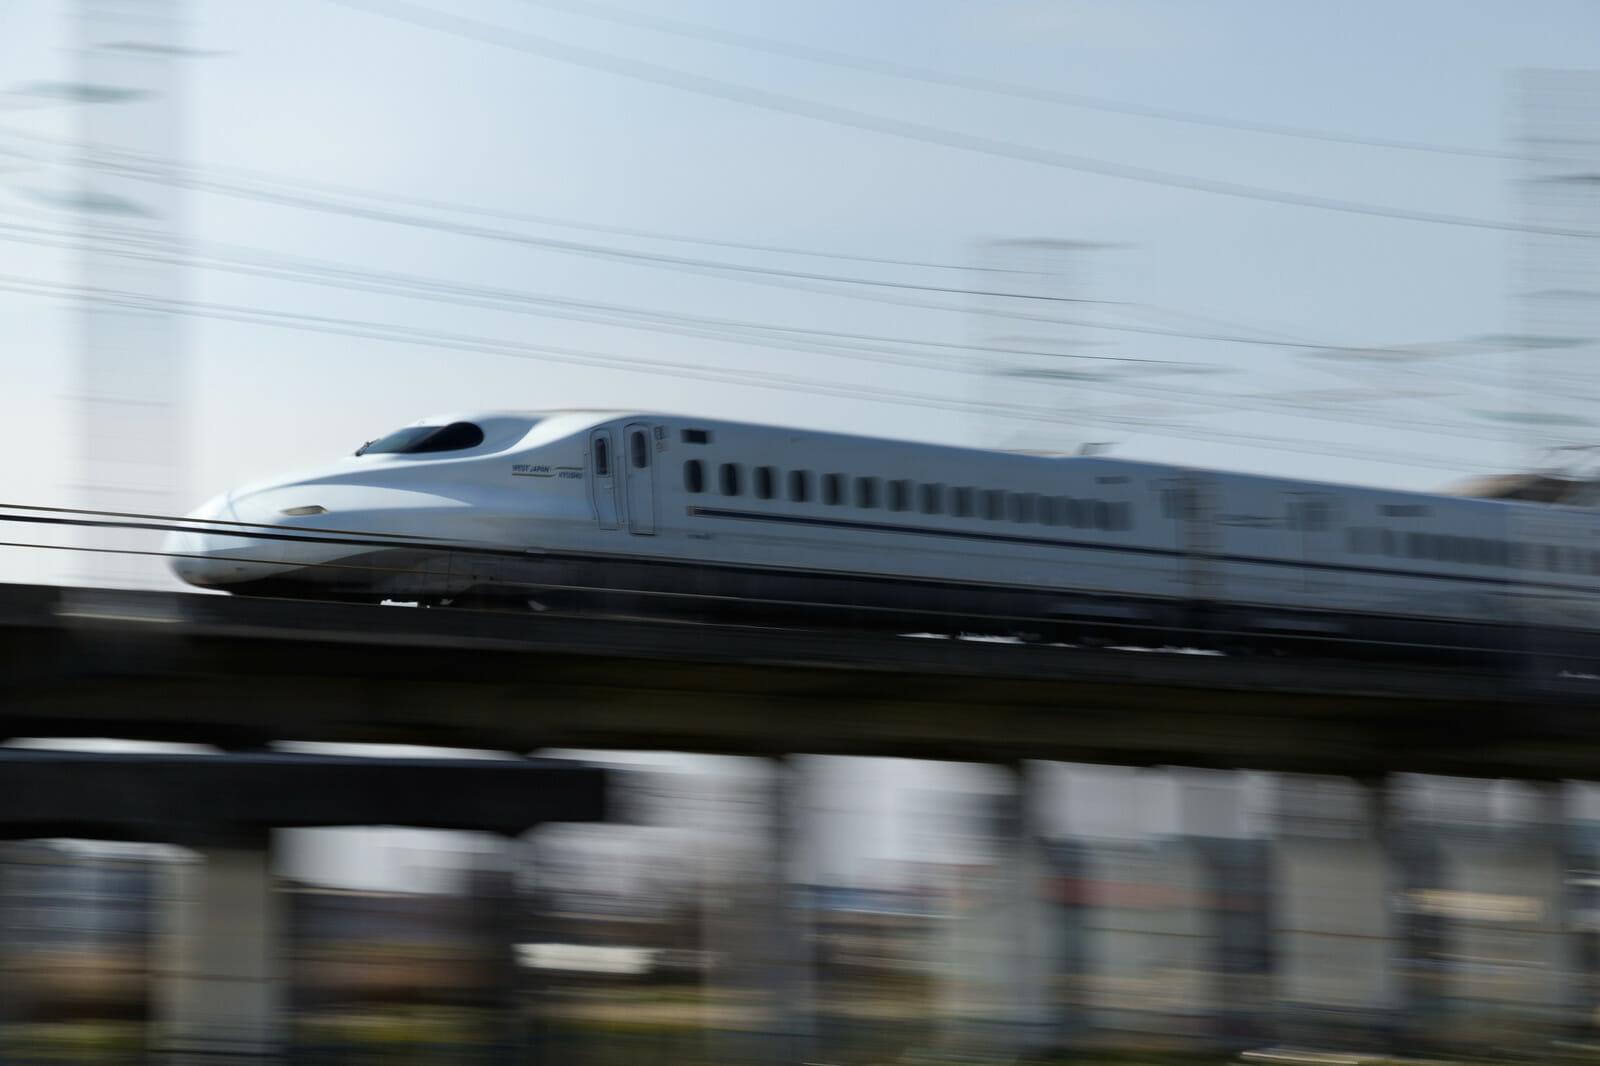 スピードを出して走る新幹線